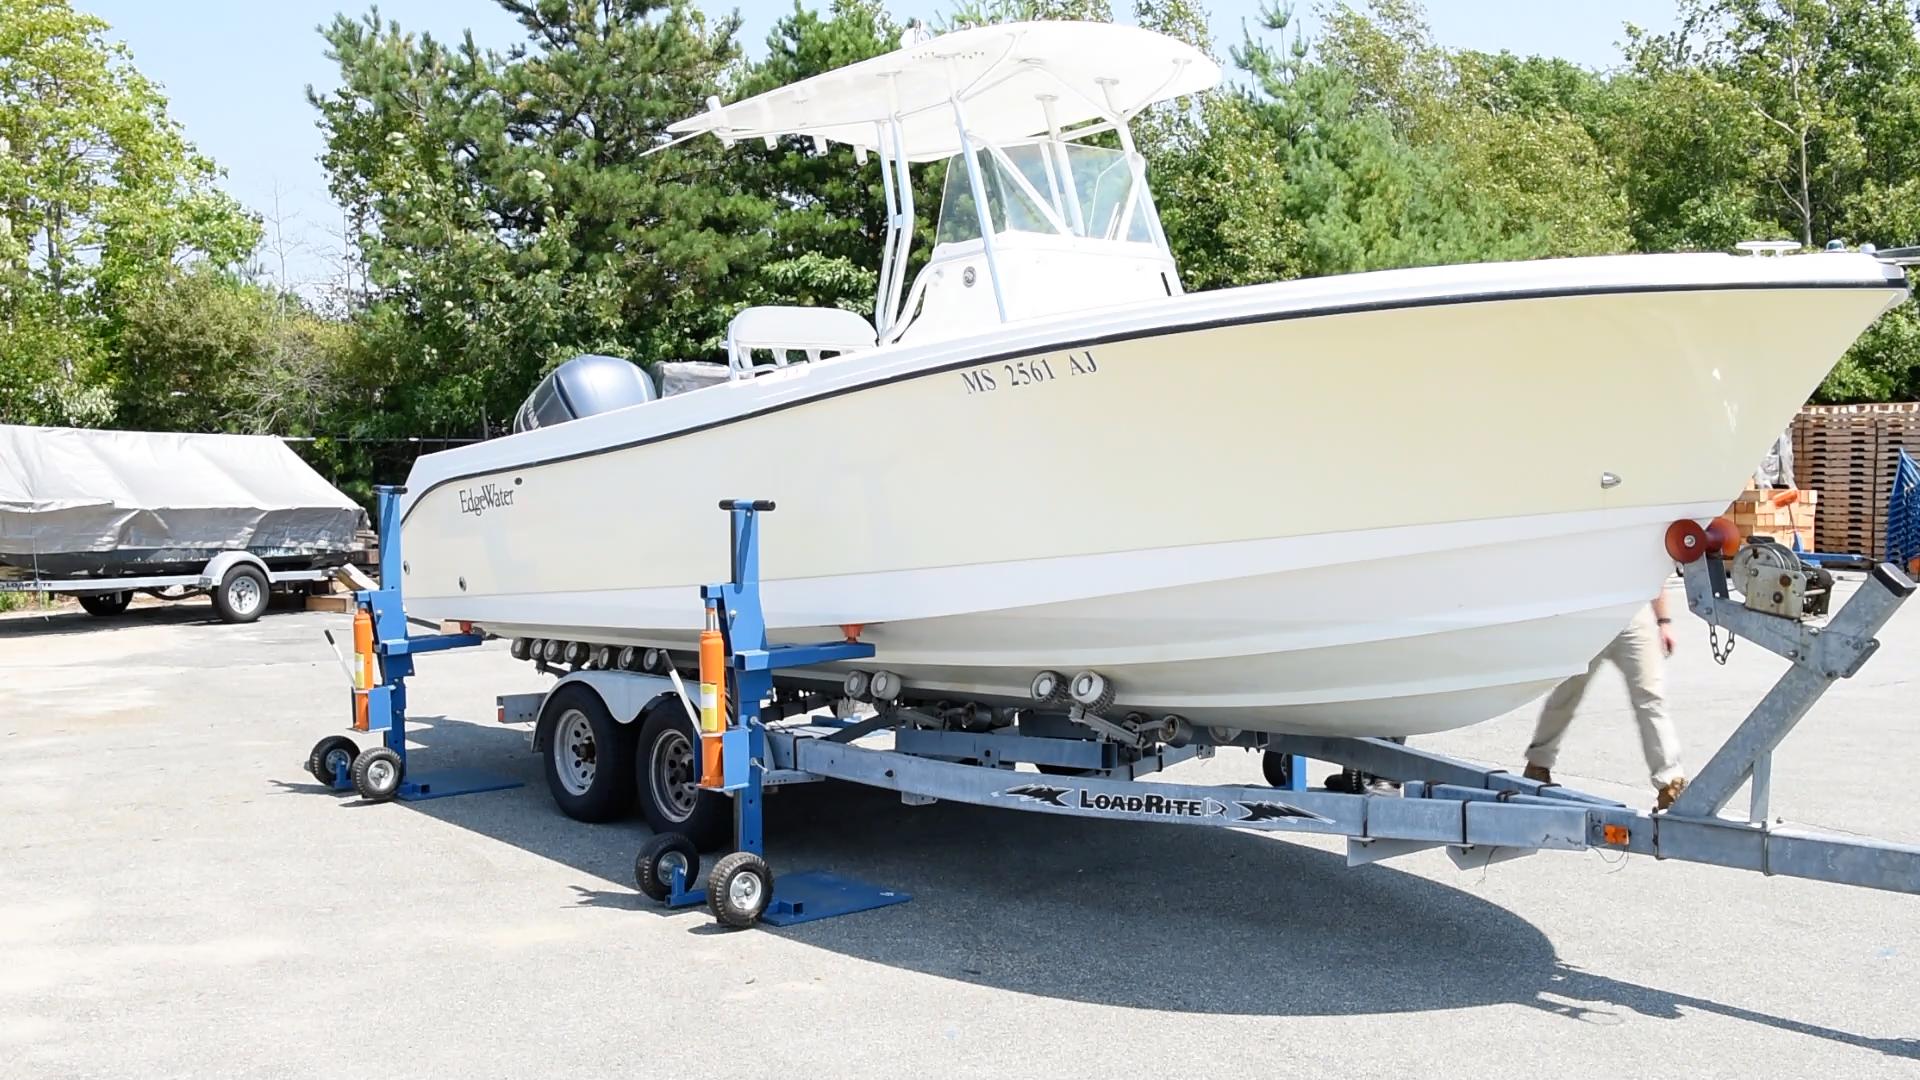 Hydraulic Boat Lifting System